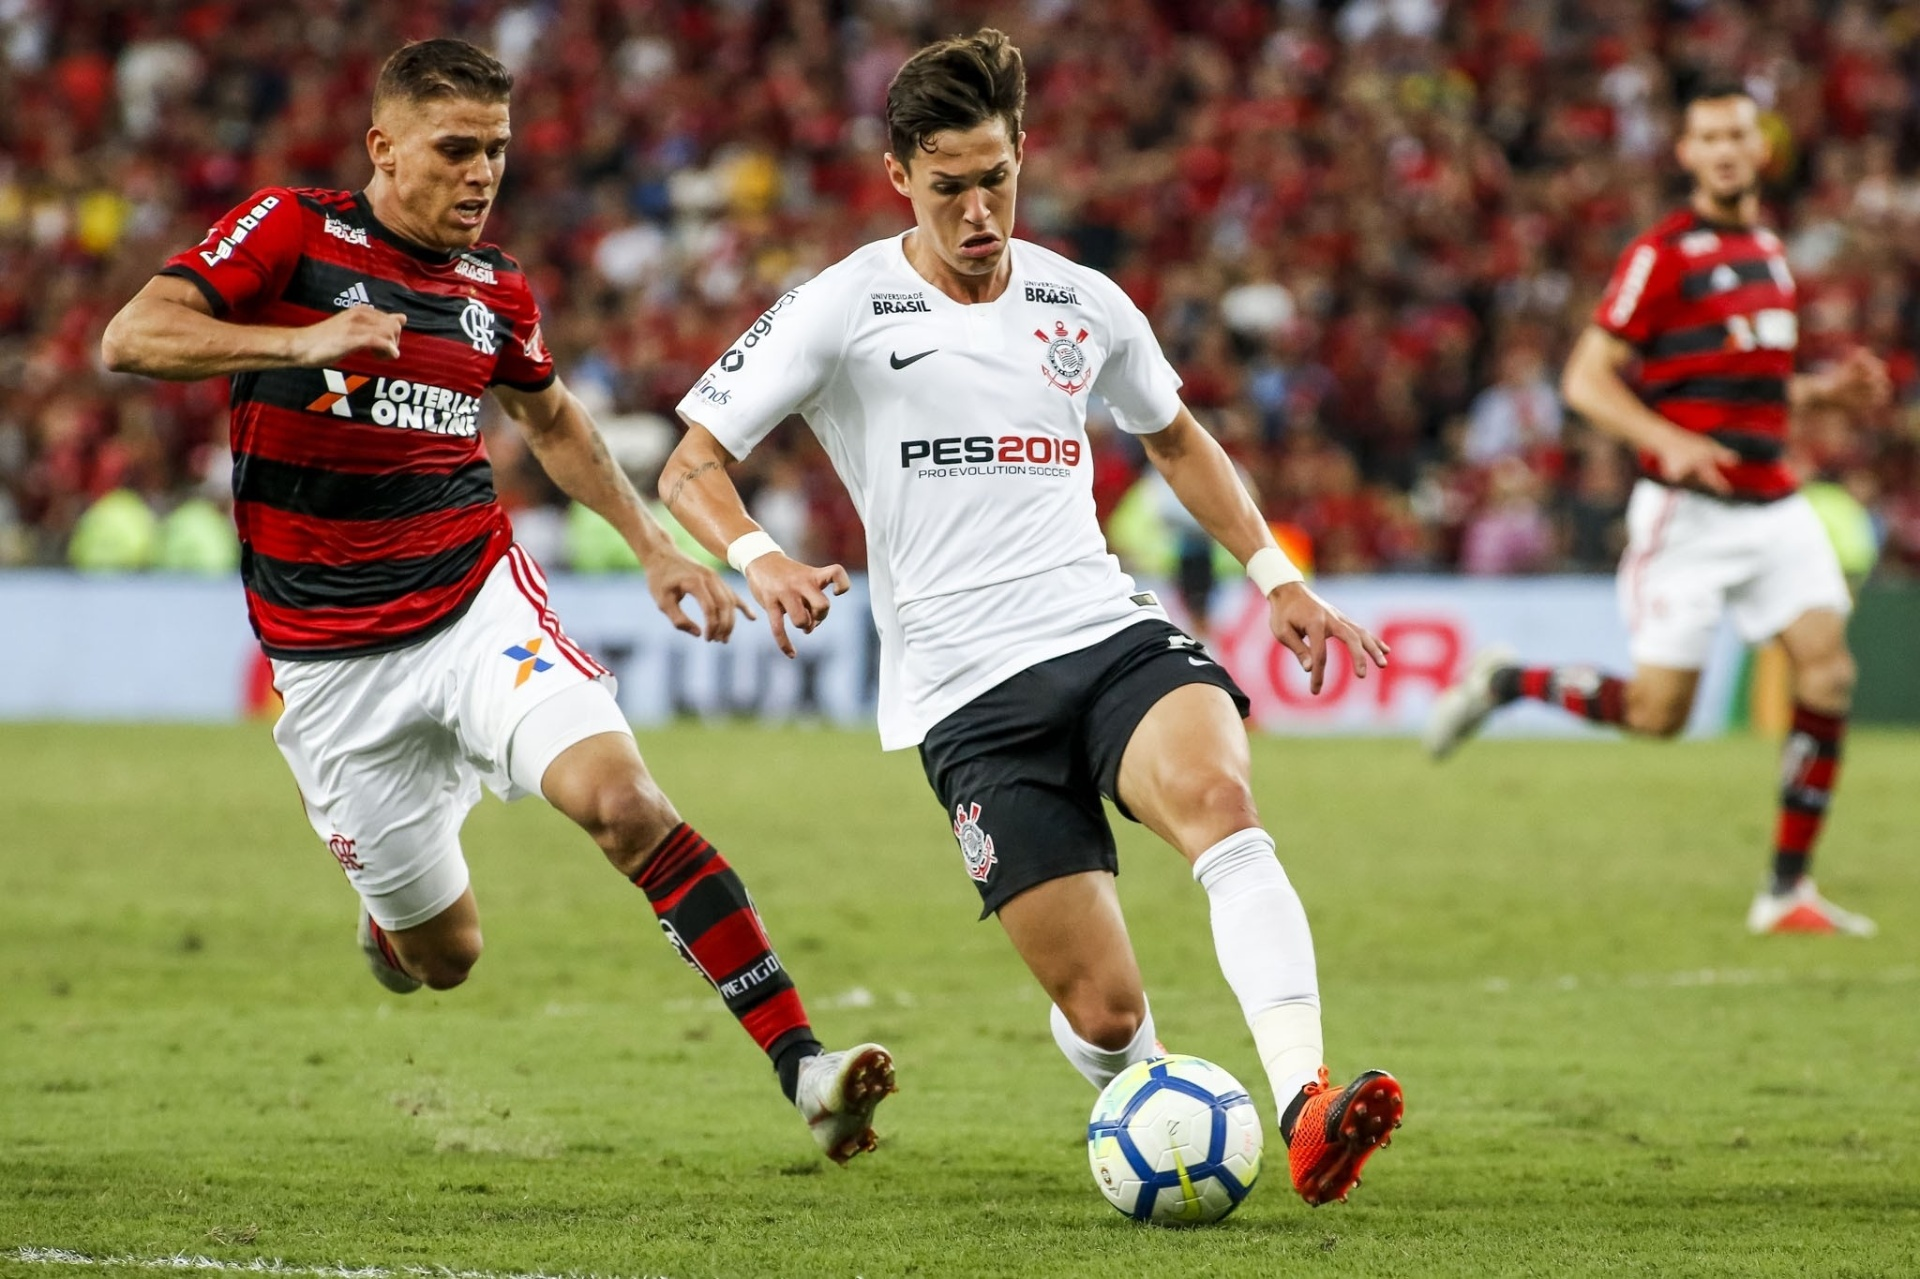 704eeb433a Semi opõe Corinthians de olho na grana e Flamengo louco por uma conquista -  26 09 2018 - UOL Esporte